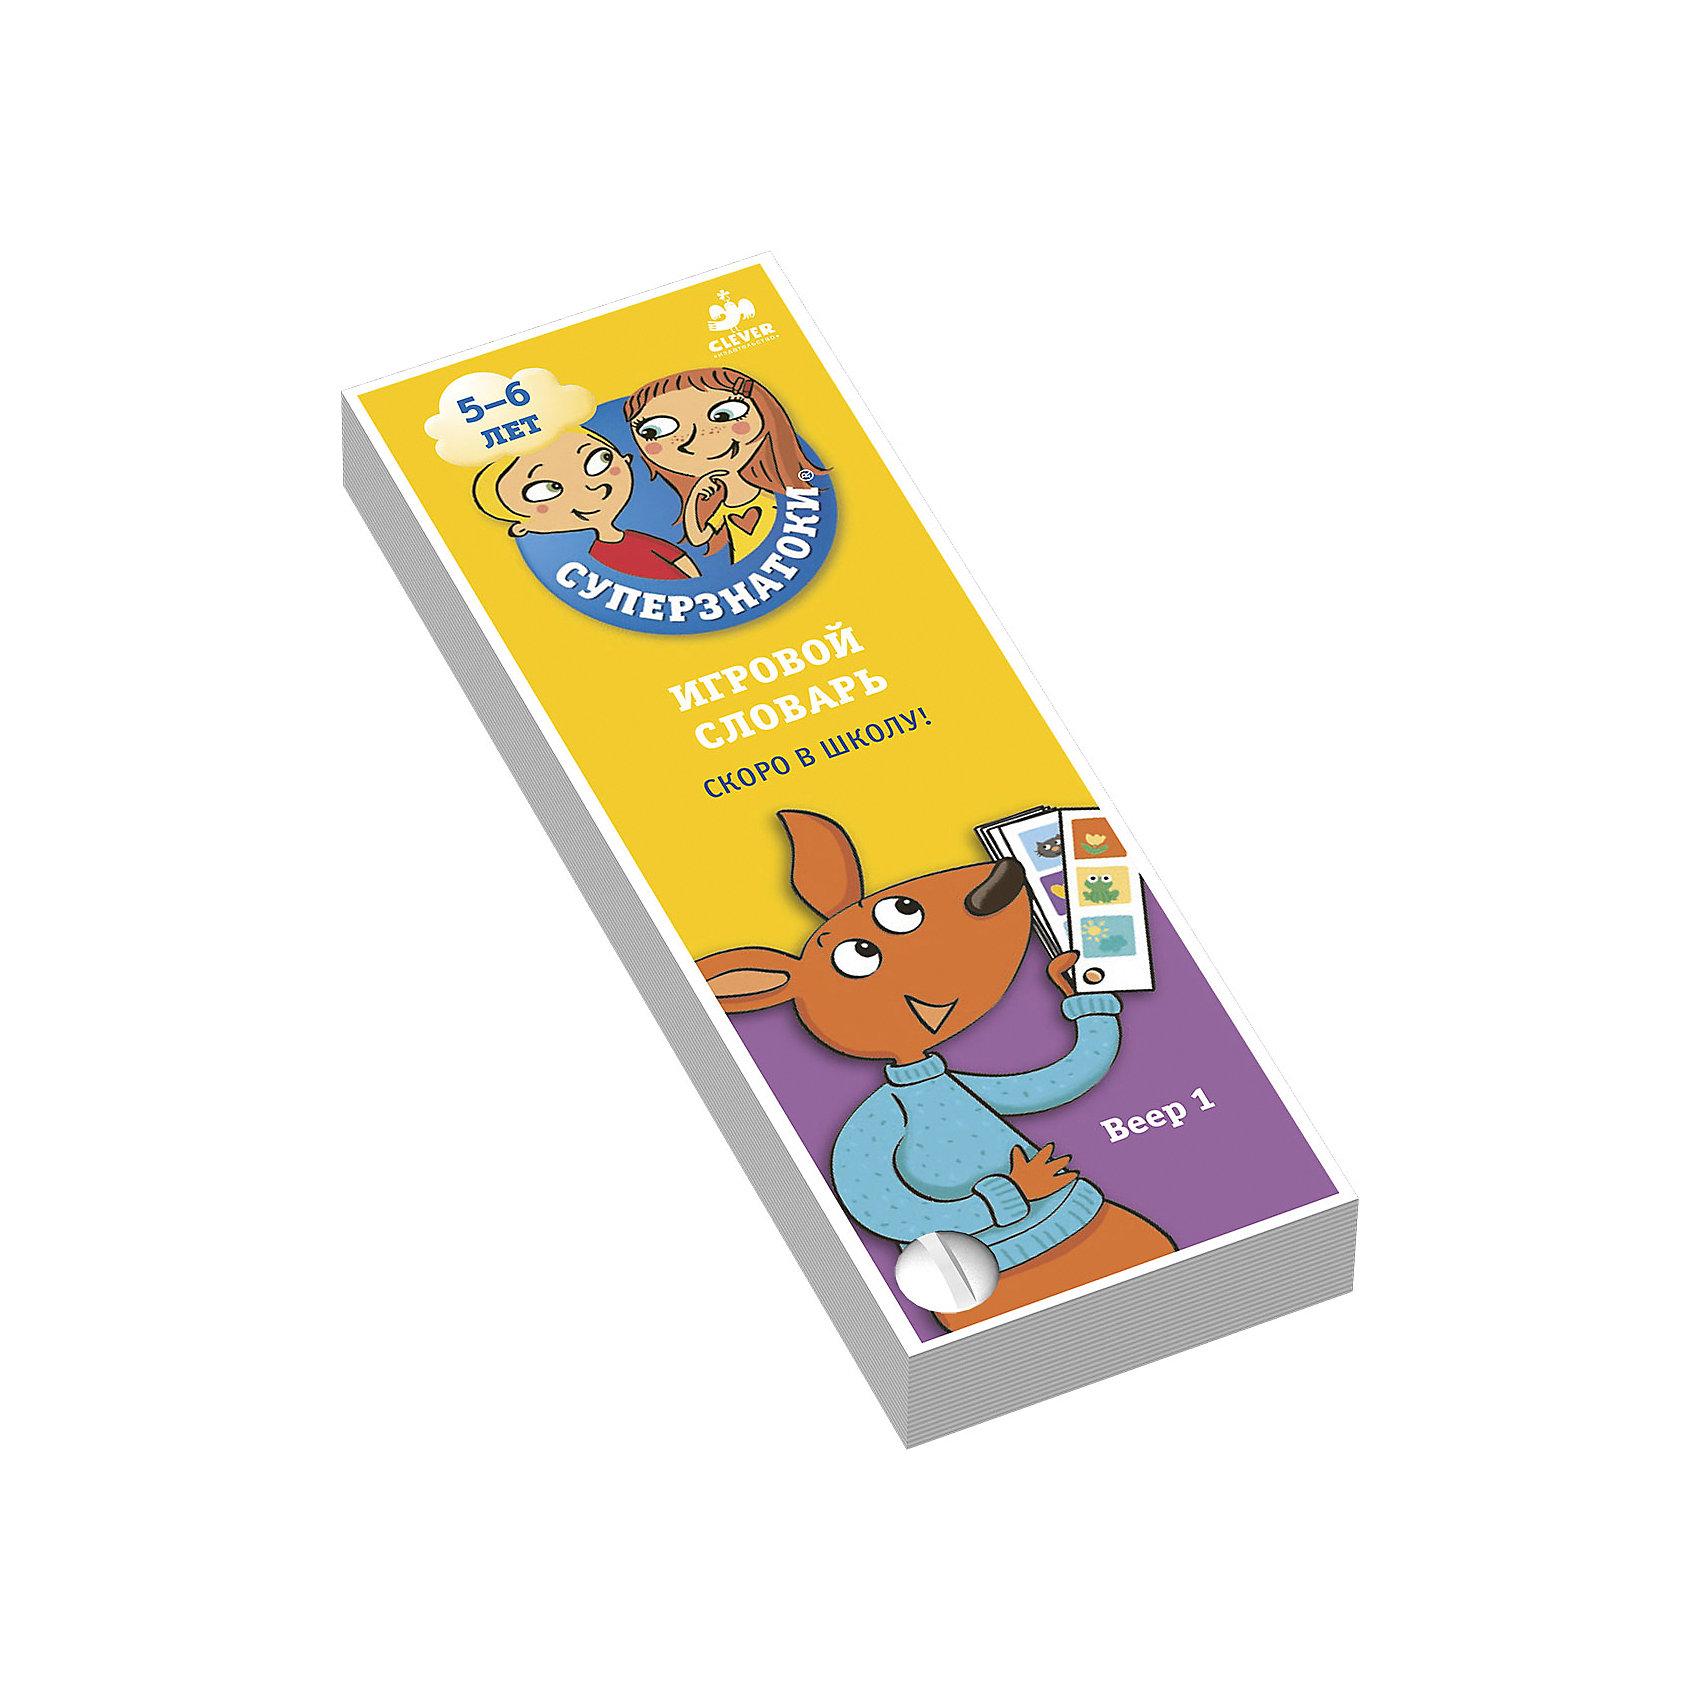 Игровой словарь Веер 1, Суперзнатоки 5-6 лет, Скоро в школу!Книги для развития речи<br>Серия изданий Суперзнатоки - это удобный формат, интересные задания и эффективный способ для ребенка провести время с пользой! Творческие способности ребенка нужно развивать - и тогда он в дальнейшем сможет освоить больше полезных навыков и знаний. Сделать это занятие интересным и легким поможет данное издание.<br>В нем с помощью занимательных заданий опытные педагоги помогают детям получить знания в разных областях областях. Издание состоит из карточек с вопросами и ответами. Они также развивают внимательность и логику. С помощью карточек легко устроить викторину для малышей!<br><br>Дополнительная информация:<br><br>формат: 75*90/32;<br>размер: 17 х 6 х 1,4 см;<br>в виде карточек.<br><br>Игровой словарь Веер 1, Суперзнатоки 5-6 лет, Скоро в школу! можно купить в нашем интернет-магазине.<br><br>Ширина мм: 172<br>Глубина мм: 60<br>Высота мм: 20<br>Вес г: 110<br>Возраст от месяцев: 48<br>Возраст до месяцев: 72<br>Пол: Унисекс<br>Возраст: Детский<br>SKU: 4976213